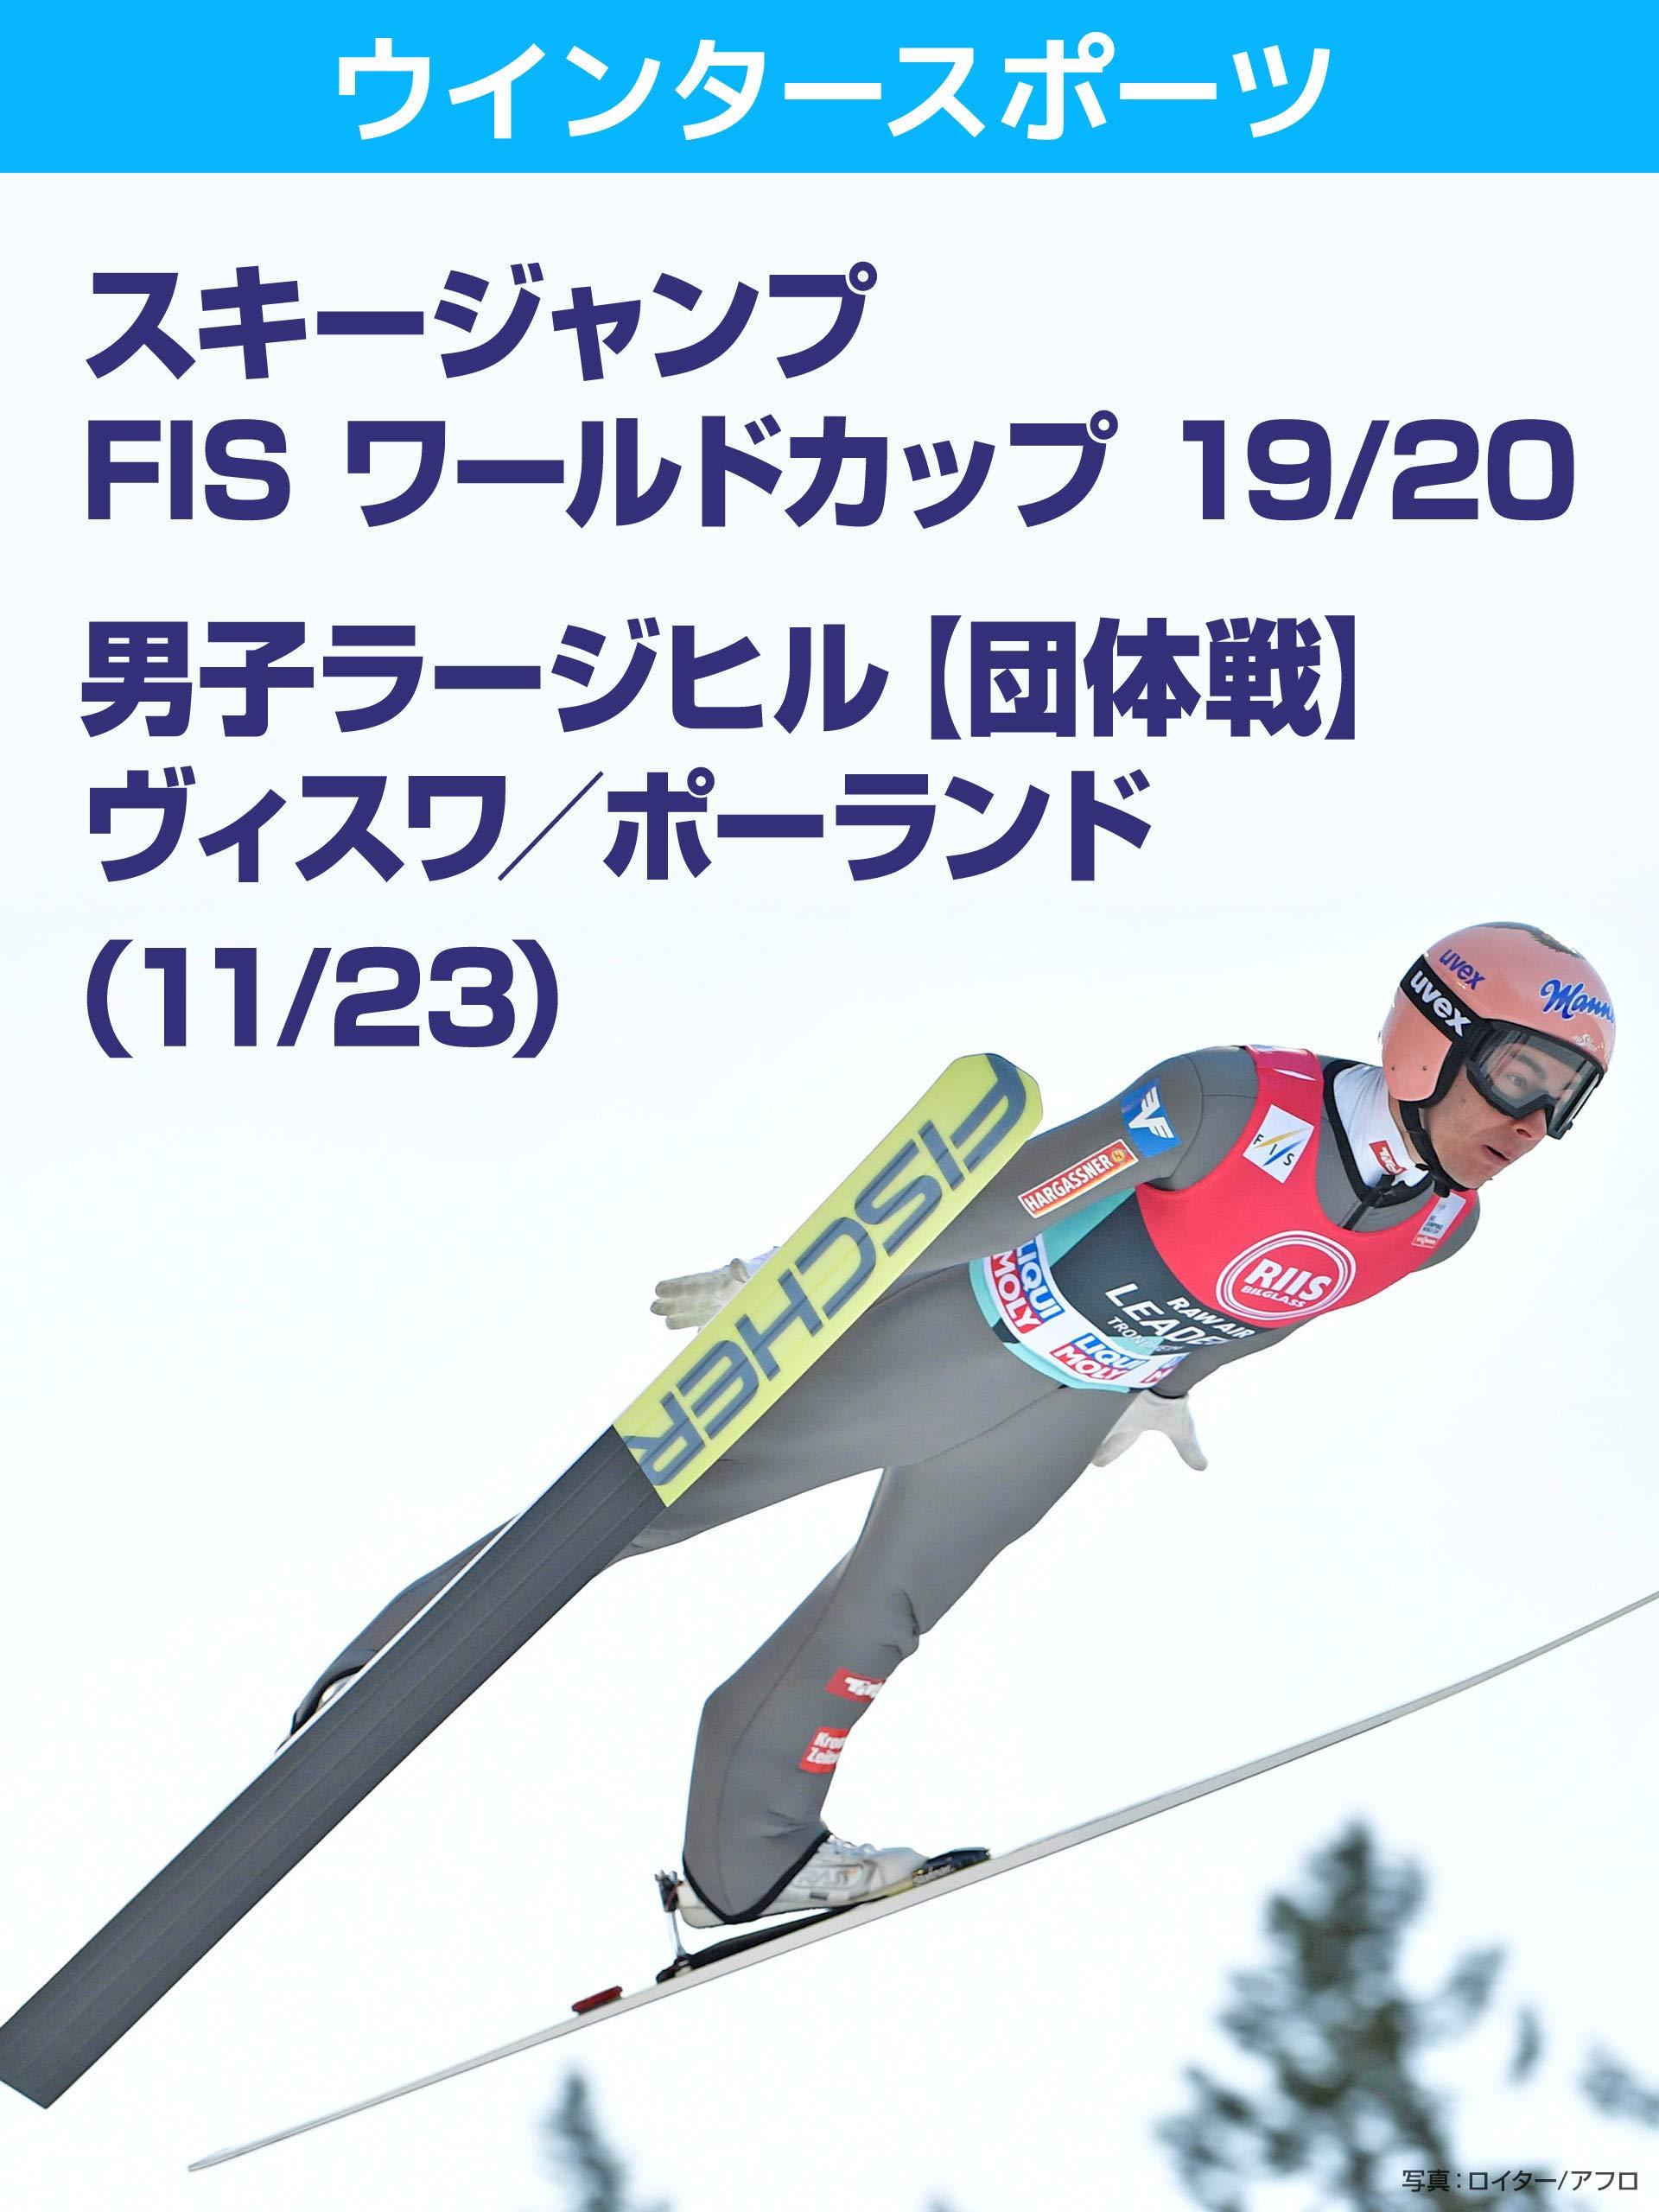 ワールド スキー カップ ジャンプ